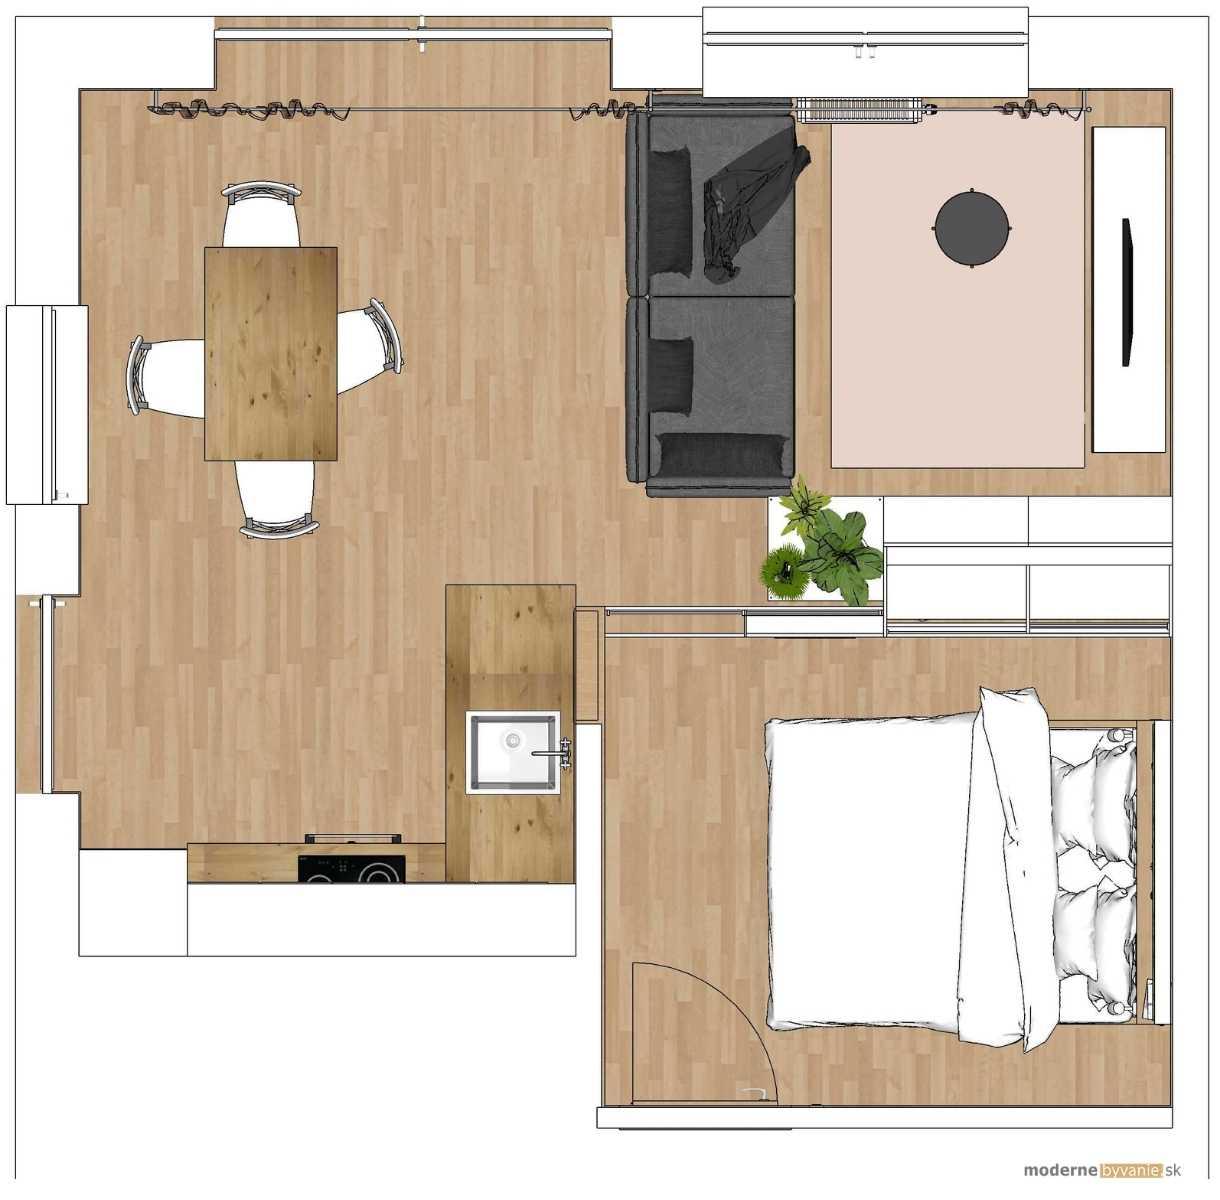 Návrh interiéru - Rozdelenie izieb - Vytvorenie hosťovskej izby v byte